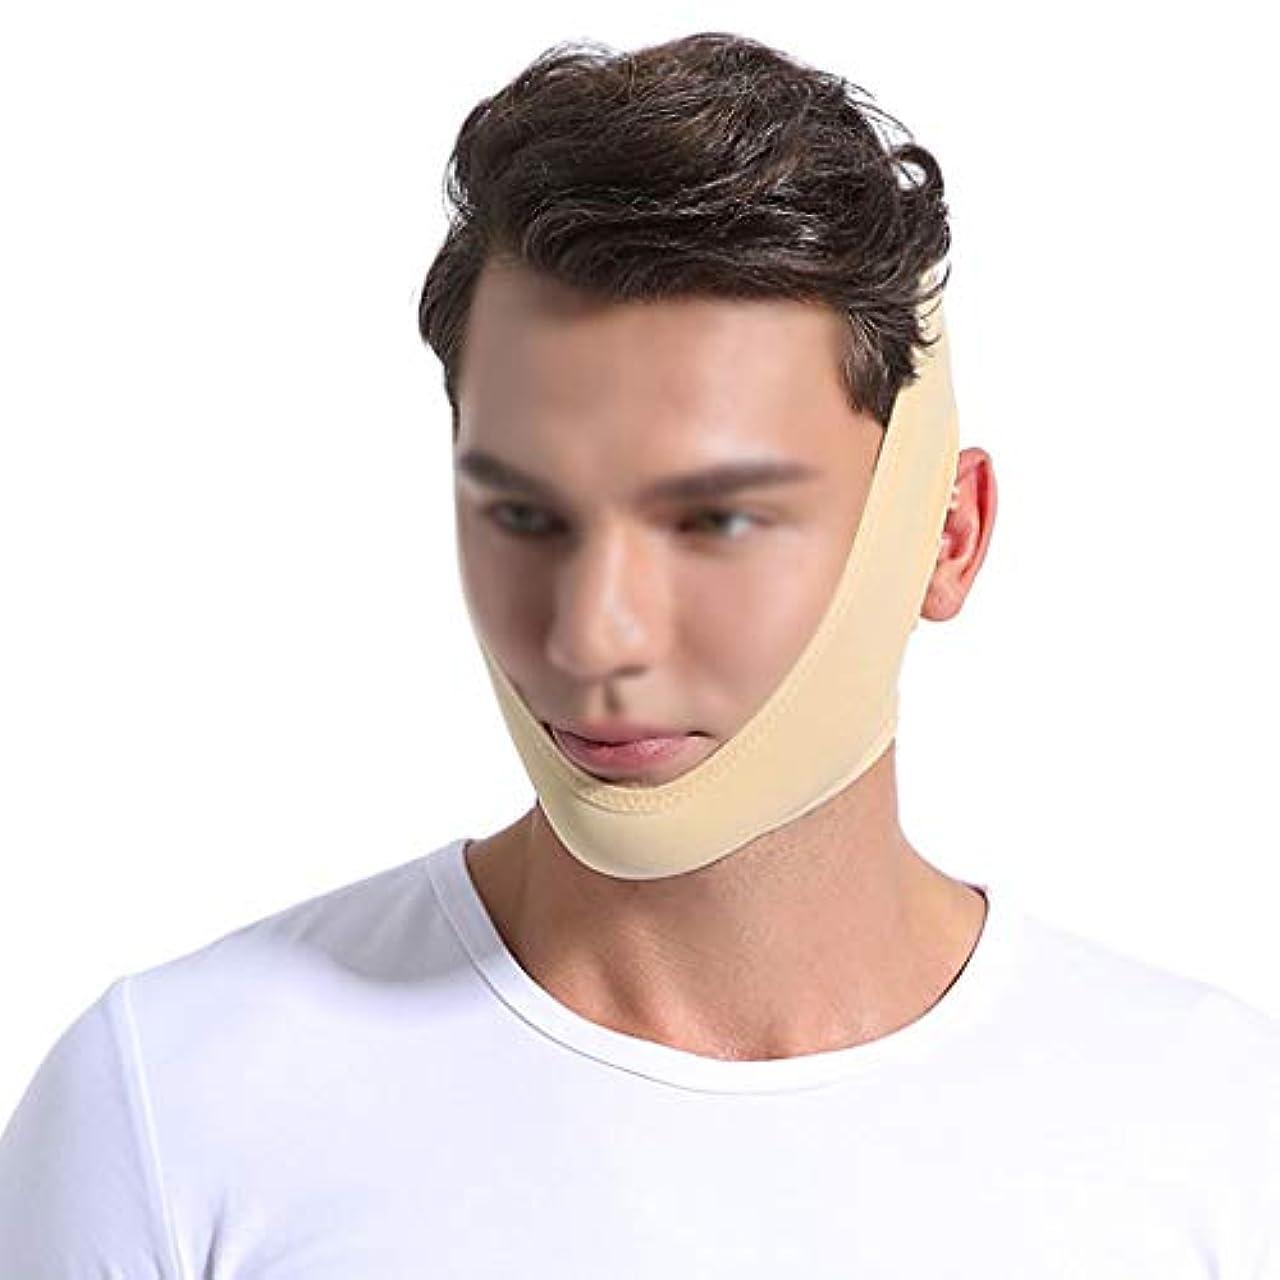 編集者アイザック海岸XHLMRMJ 医療ワイヤーカービング、男性と女性の顔の弾性包帯ヘッドギア結ばれた小さなV顔薄いフェイスマスクを結んだ後リフティングマスクを再開